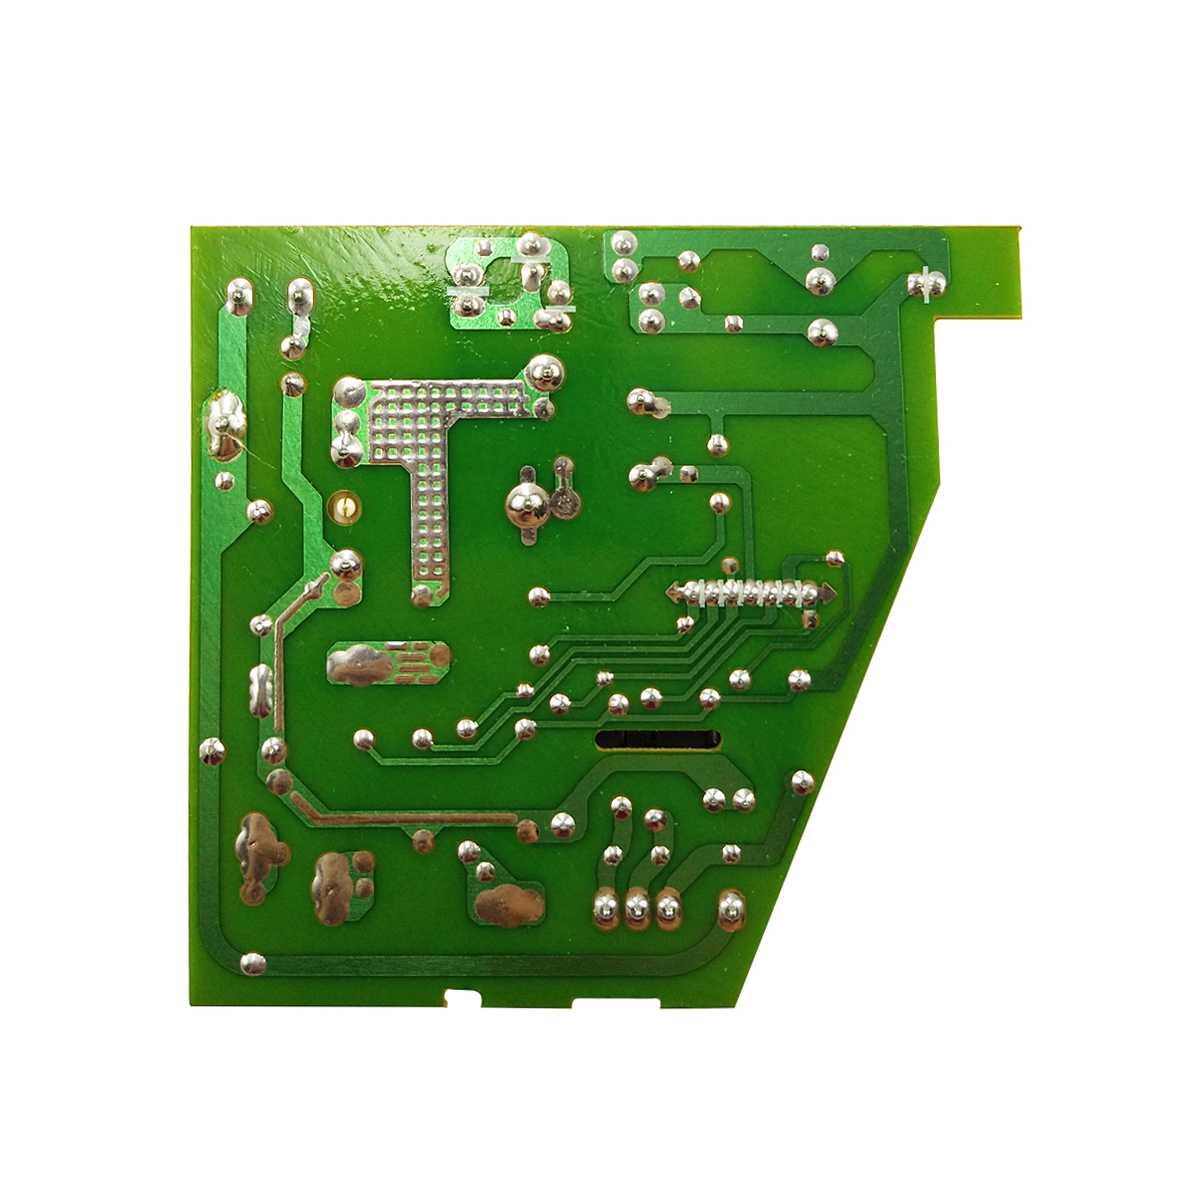 Placa Eletônica de potência Ar Condicionado Consul 220V 60HZ frio 326058683 CBF18MB, CBF18OB, CBF22MB, CBF22OB, CBV18AB, CBV18OB